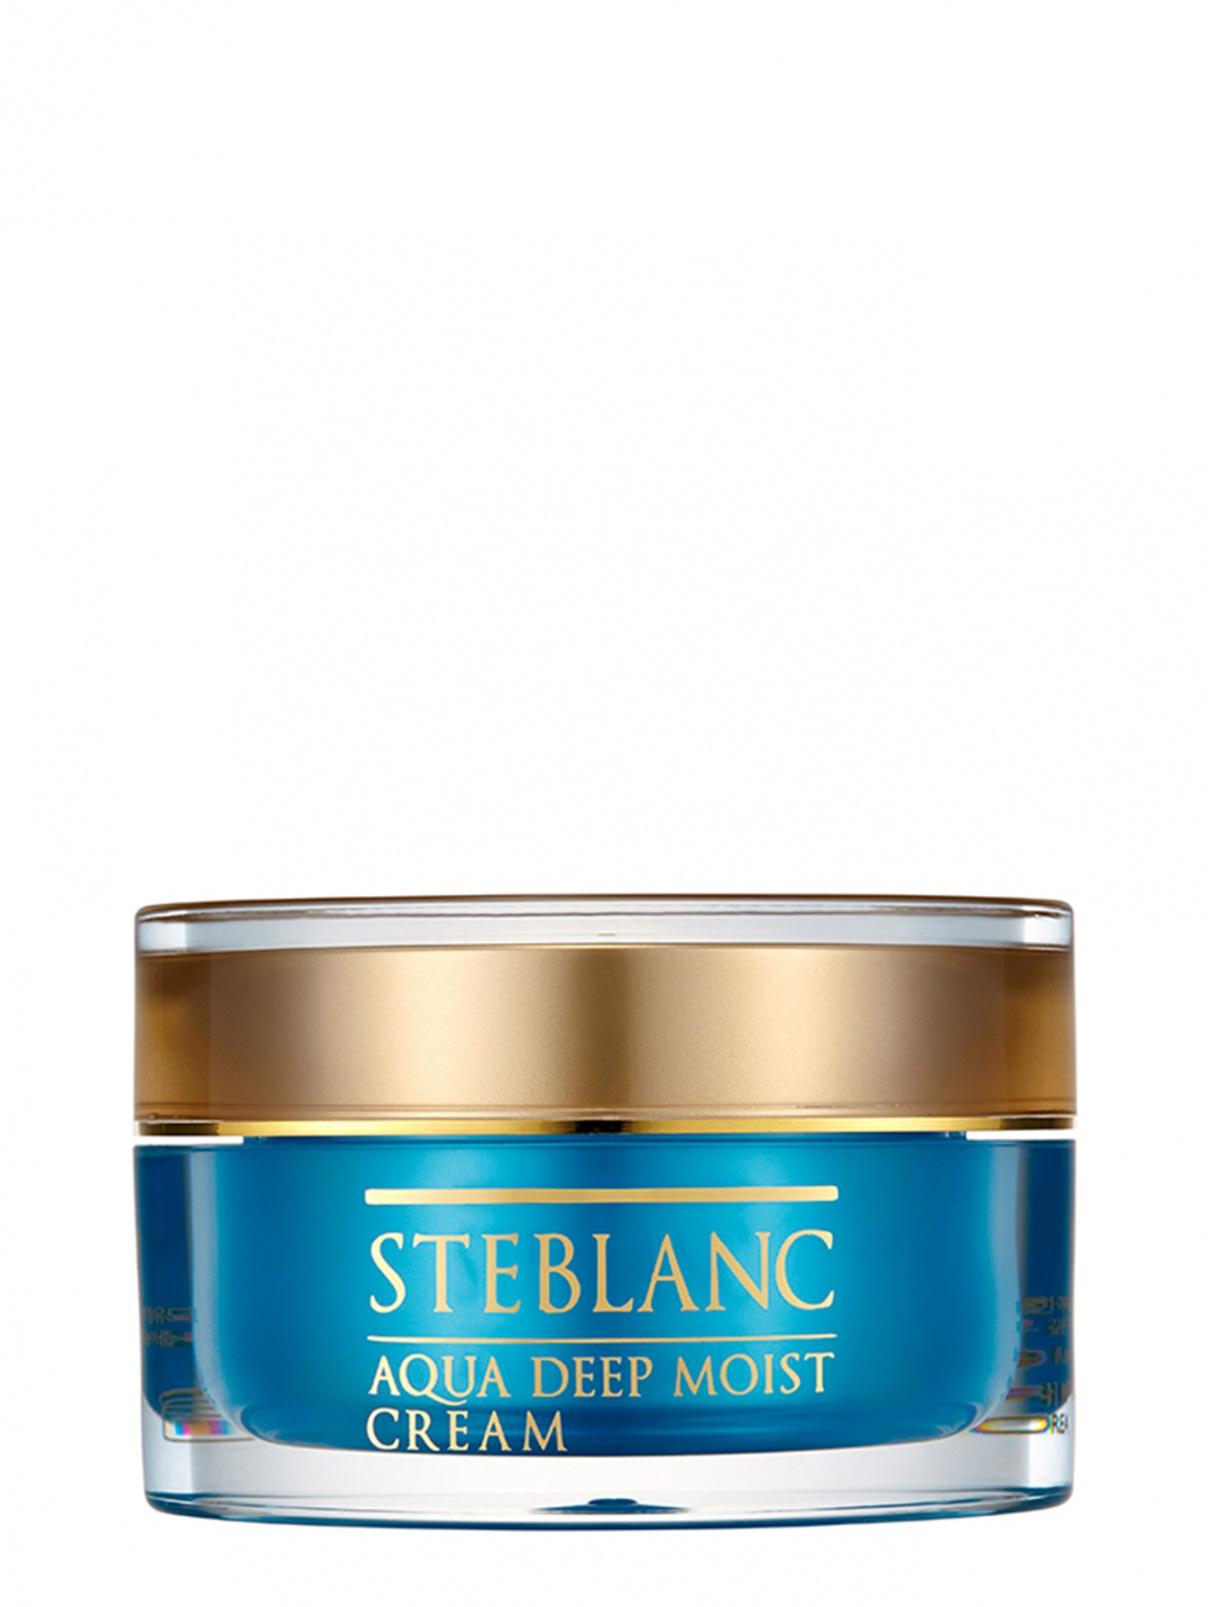 Aqua Deep Moist Cream / Крем для лица глубокое увлажнение 50 мл STEBLANK  –  Общий вид